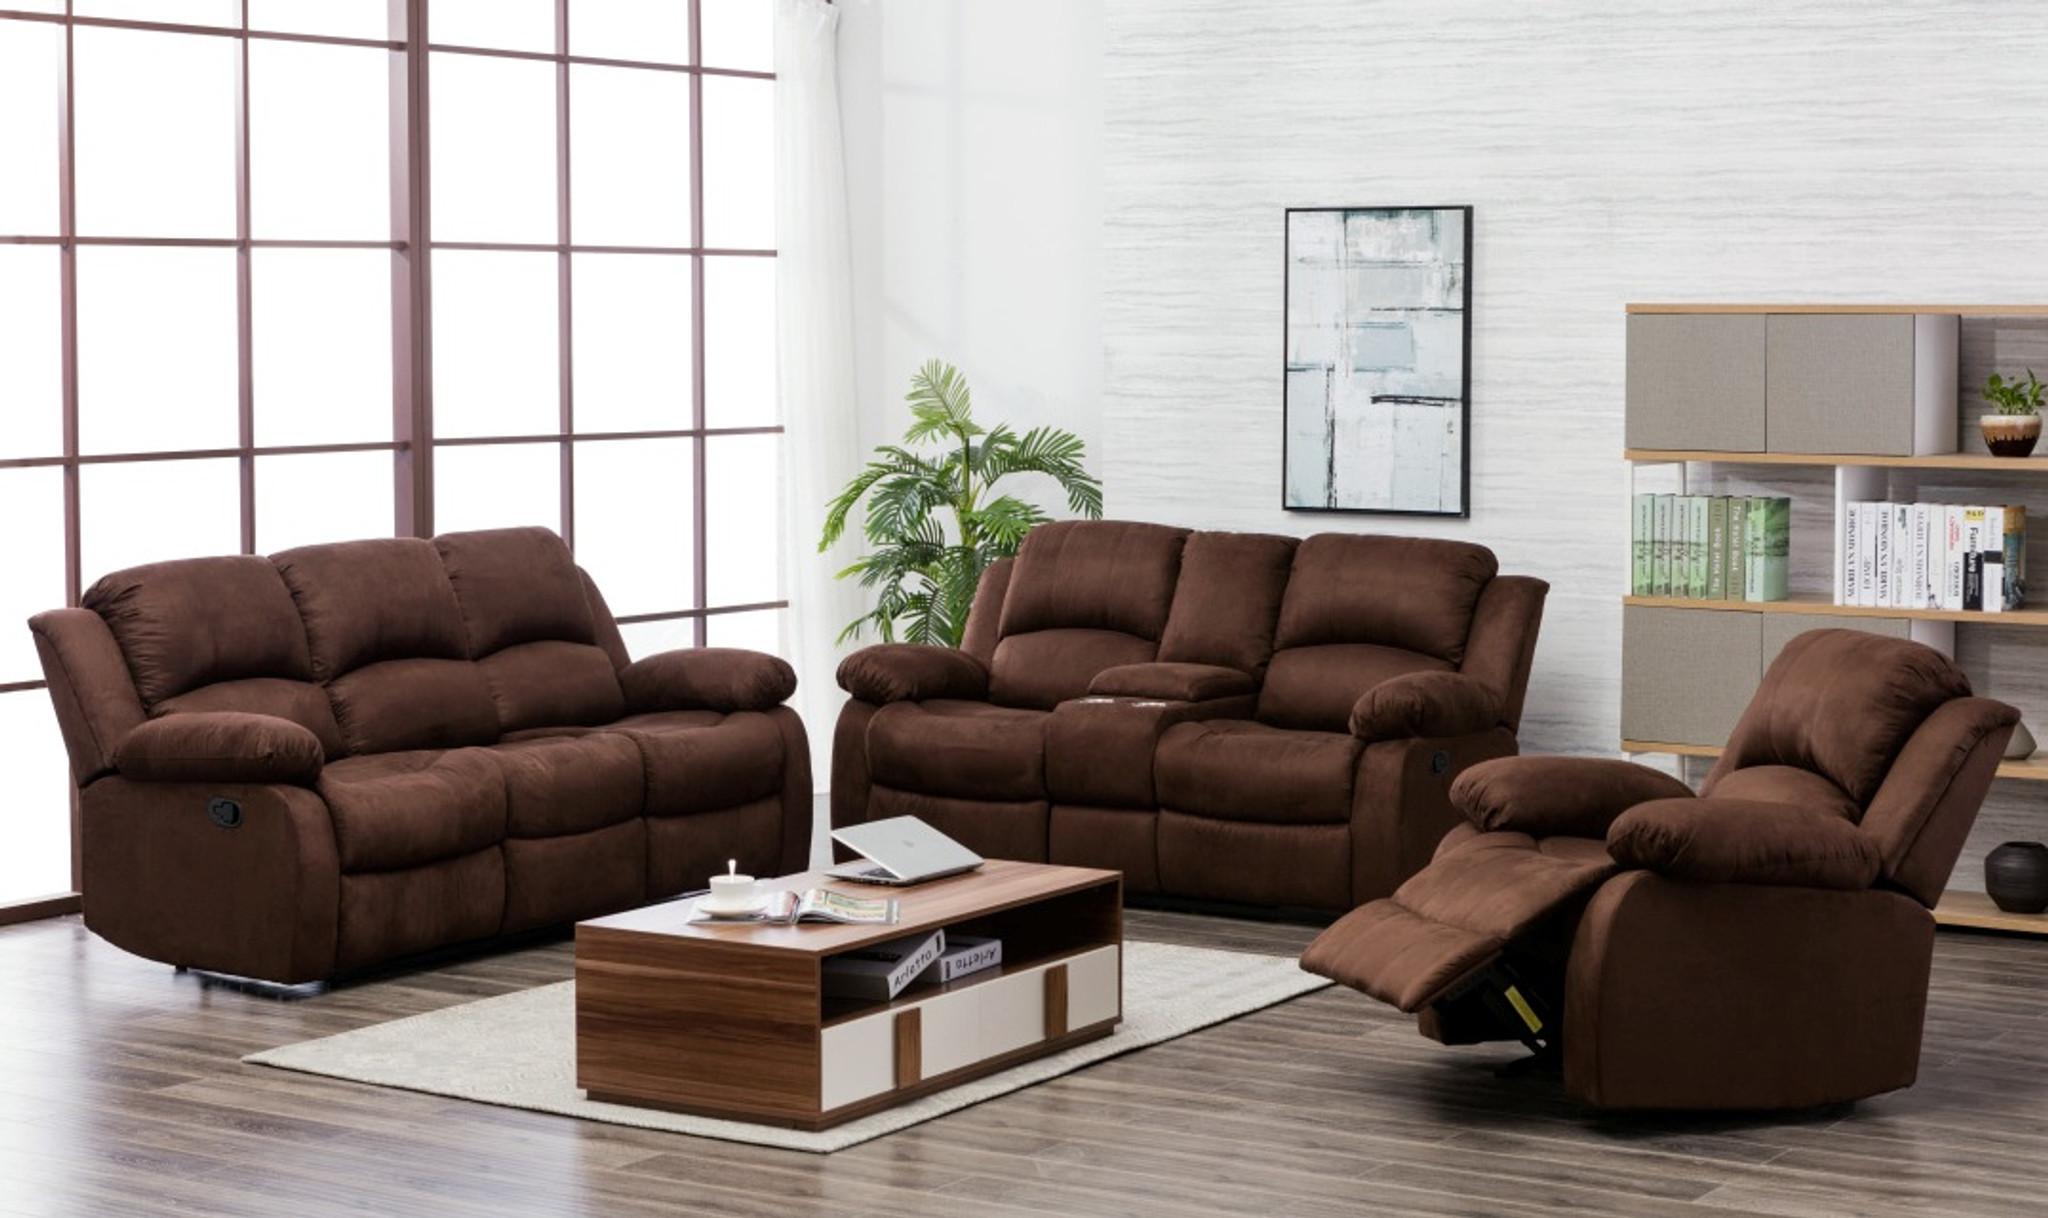 2pcs microfiber brown sofa and loveseat set